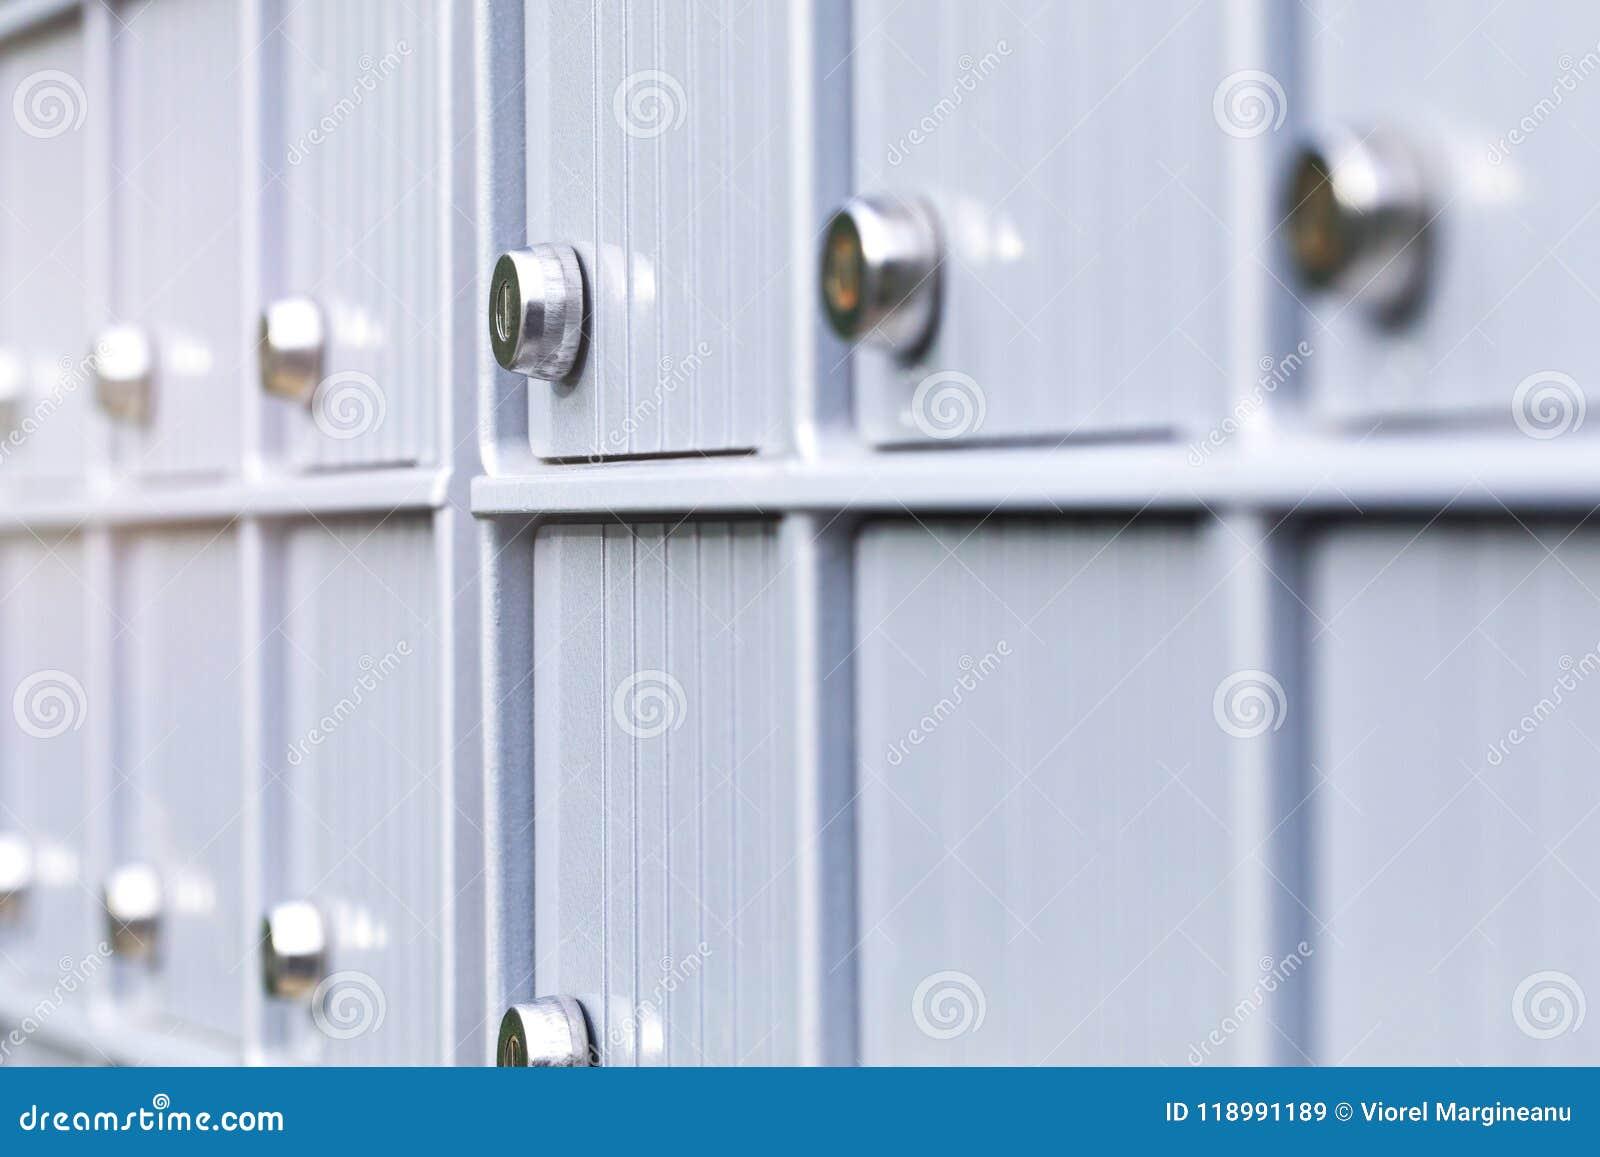 Ταχυδρομικές θυρίδες και κλειδαριά μετάλλων στο εμπορικό κέντρο ενός αστικού γείτονα